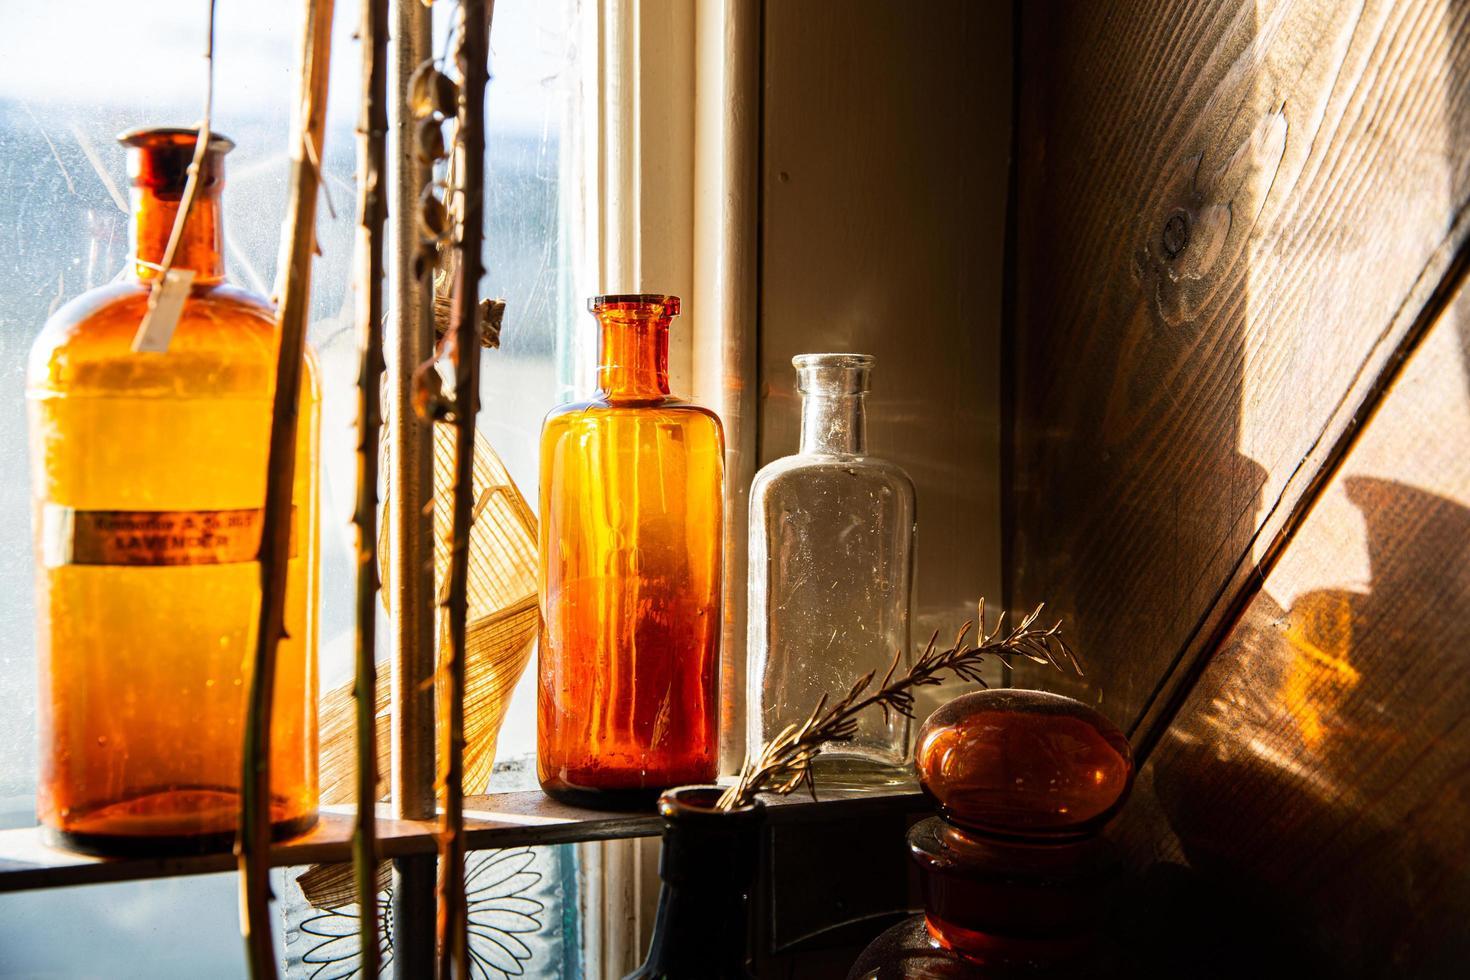 bouteilles en verre sur une étagère près d'une fenêtre photo